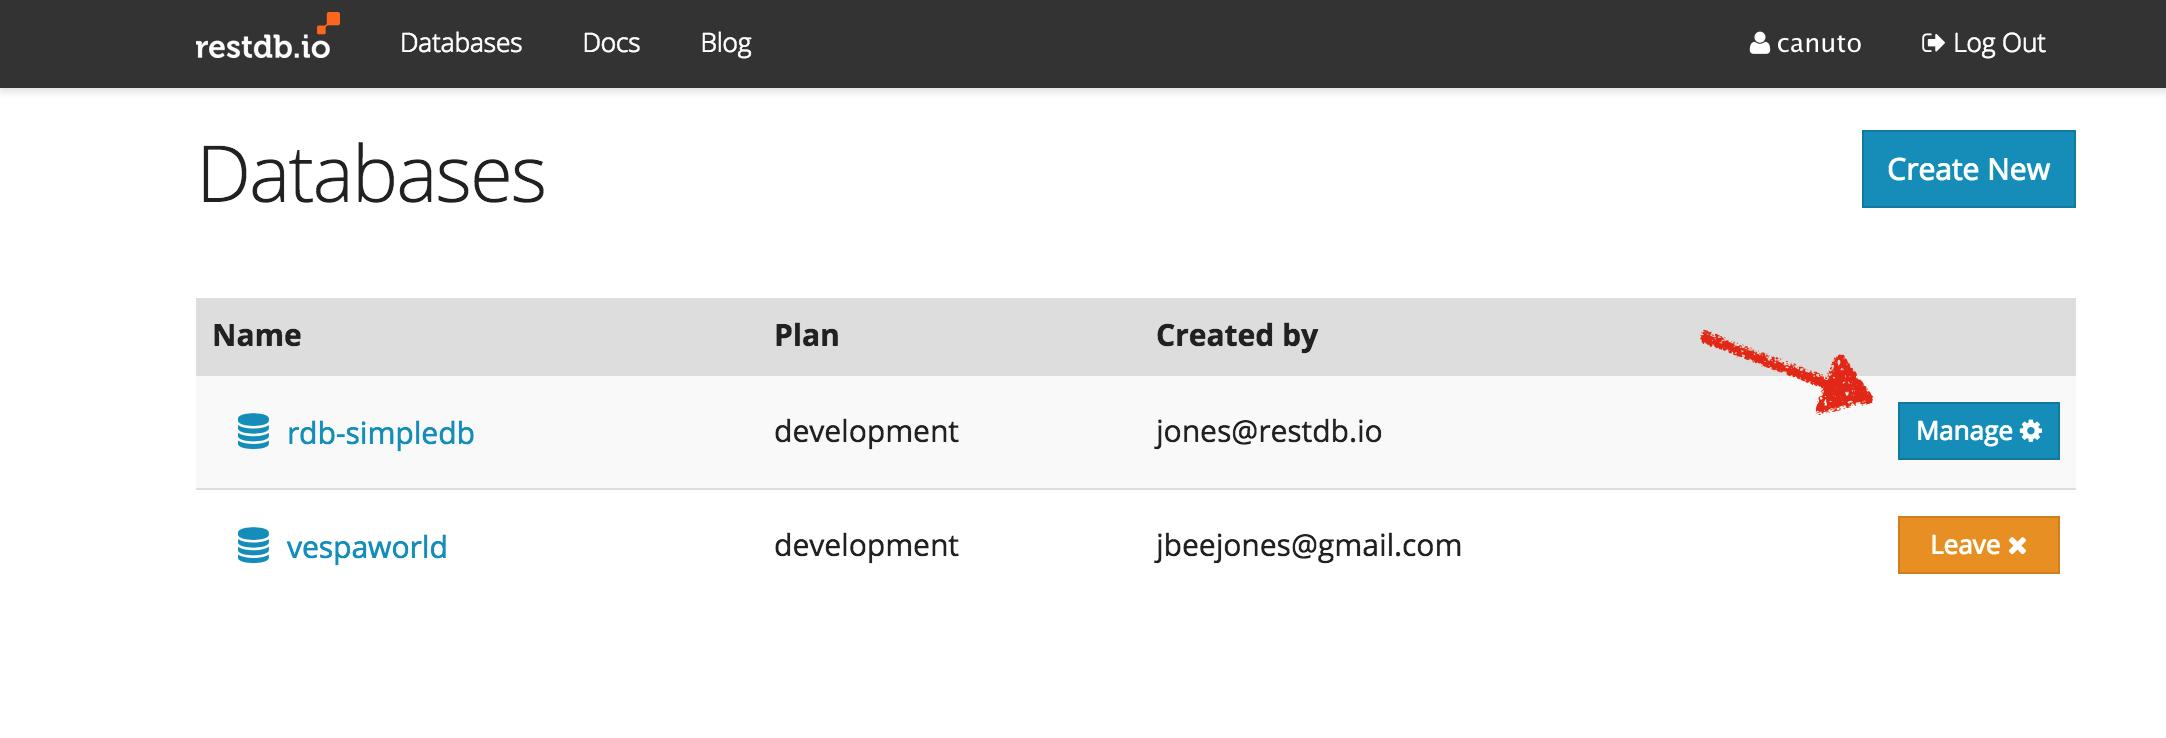 API keys and CORS Ajax calls - Restdb io